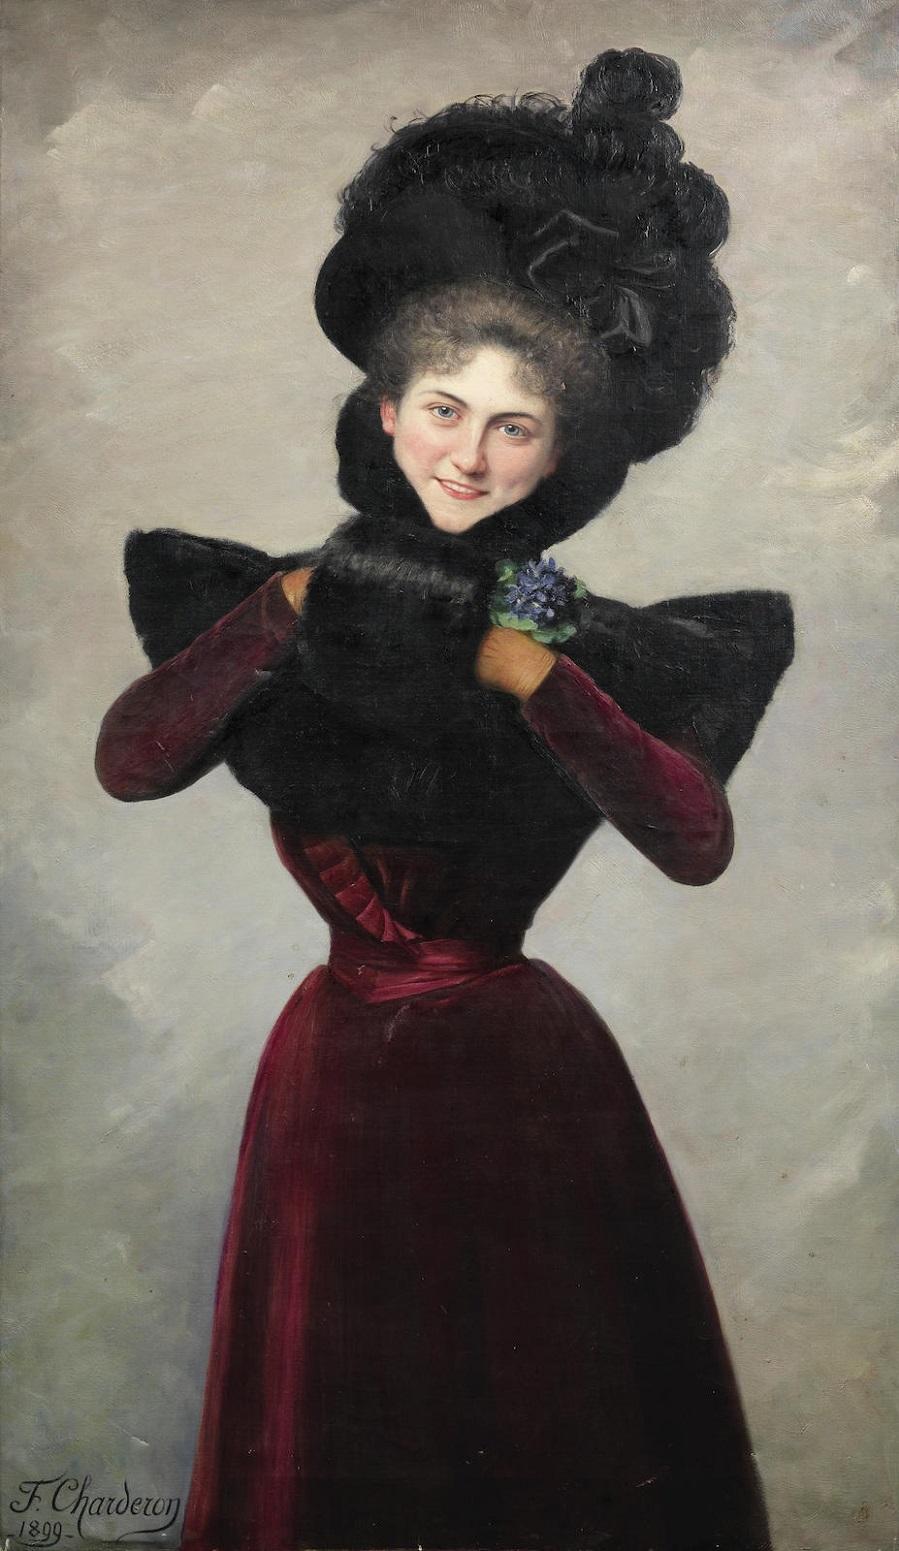 Femme élégante avec manchon de fourrure, 1899.Jpeg